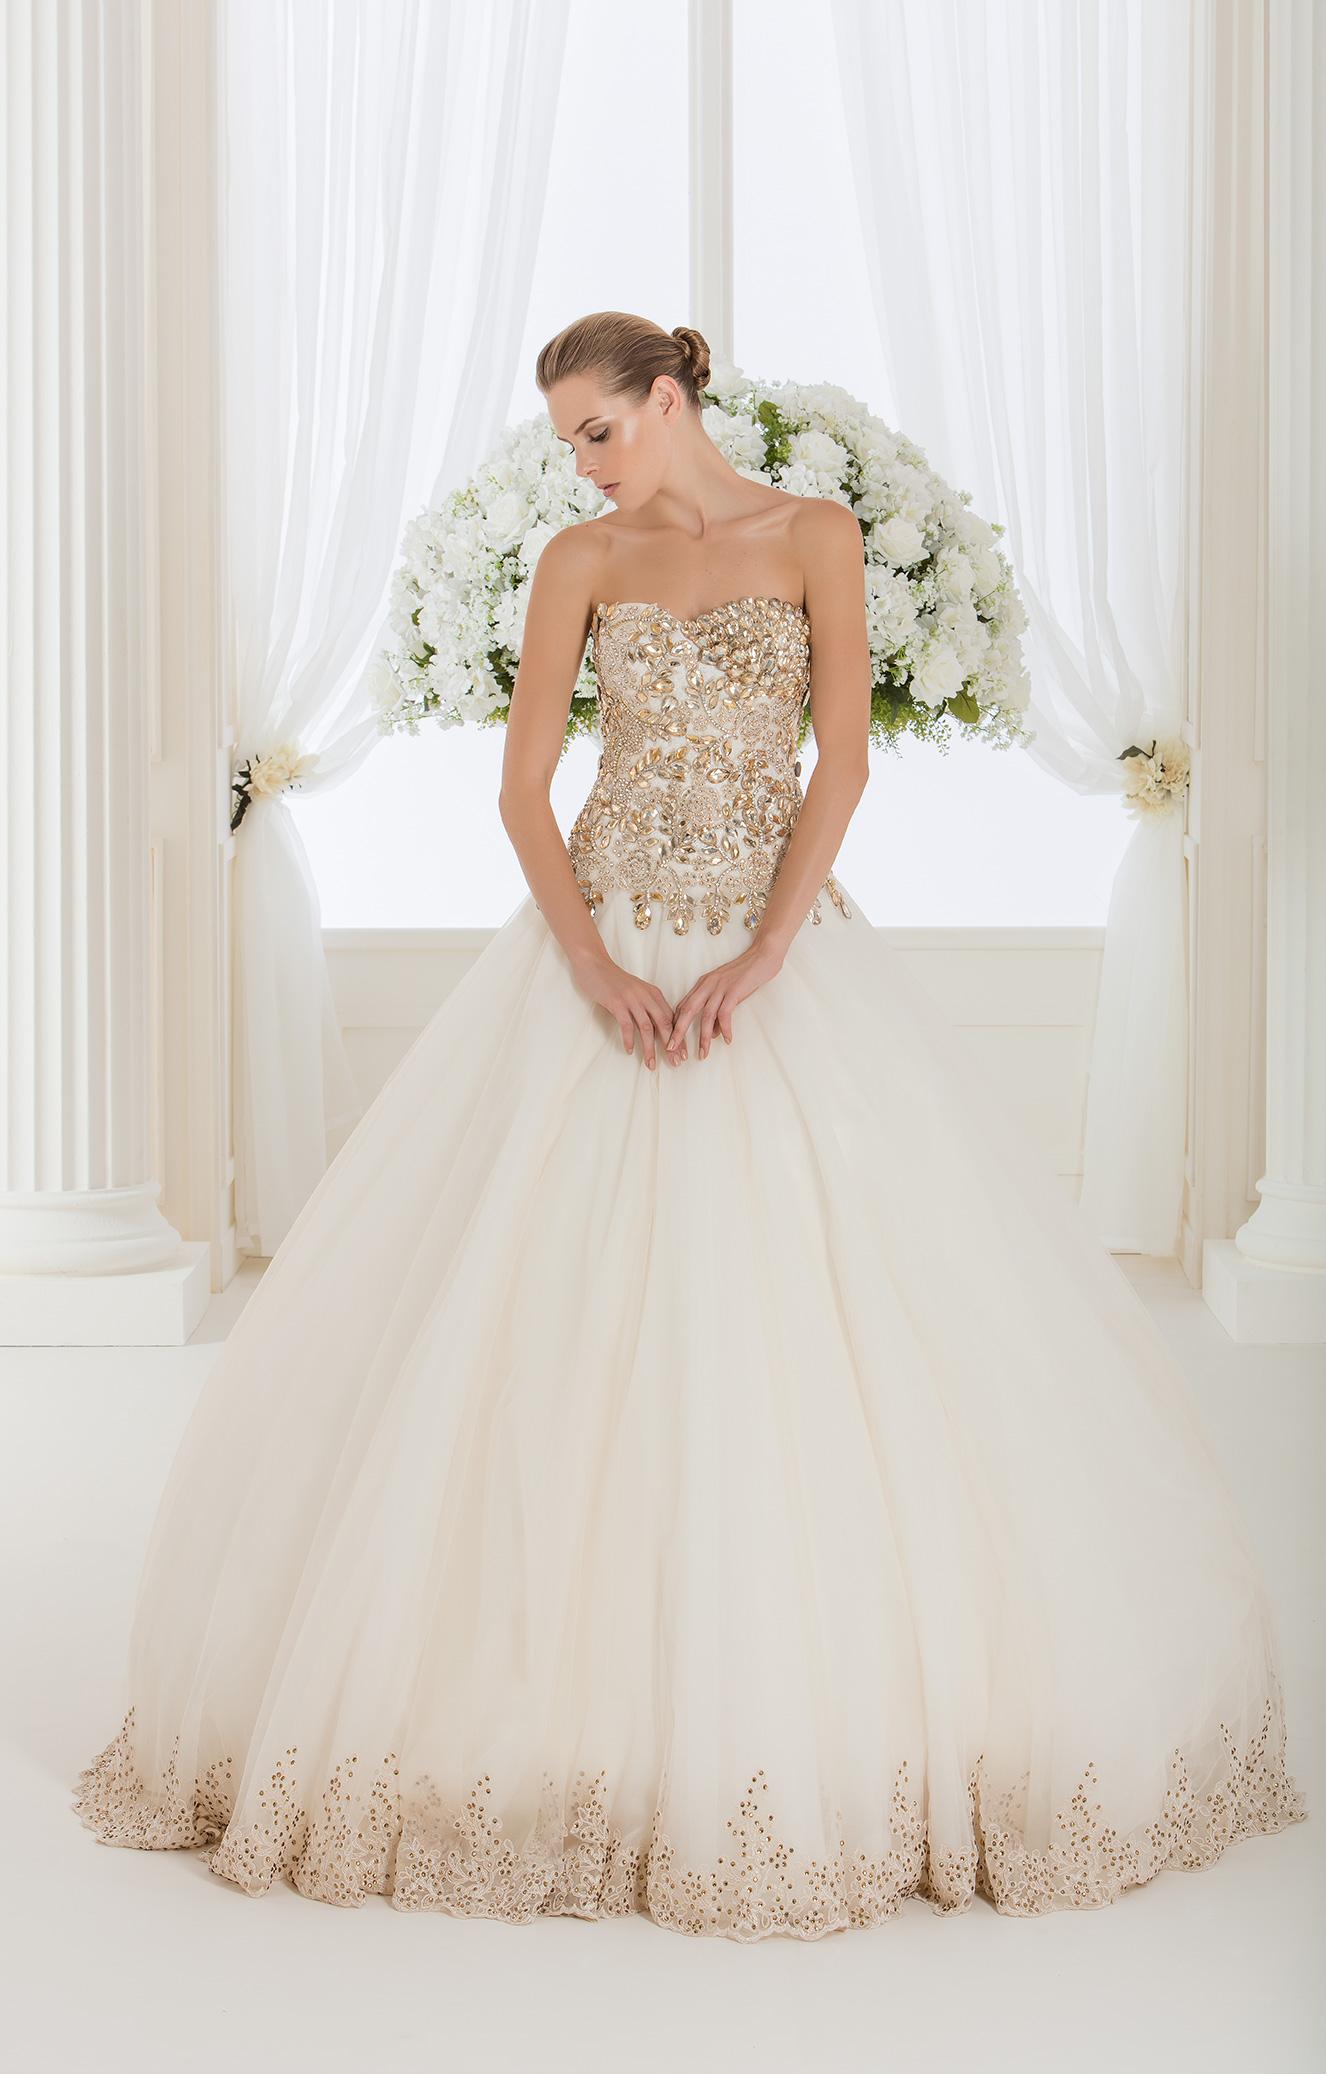 Vestiti Da Cerimonia Impero Couture ~ Impero couture sposa vestiti ed abiti  da canicatti ... 21d92fac35c3